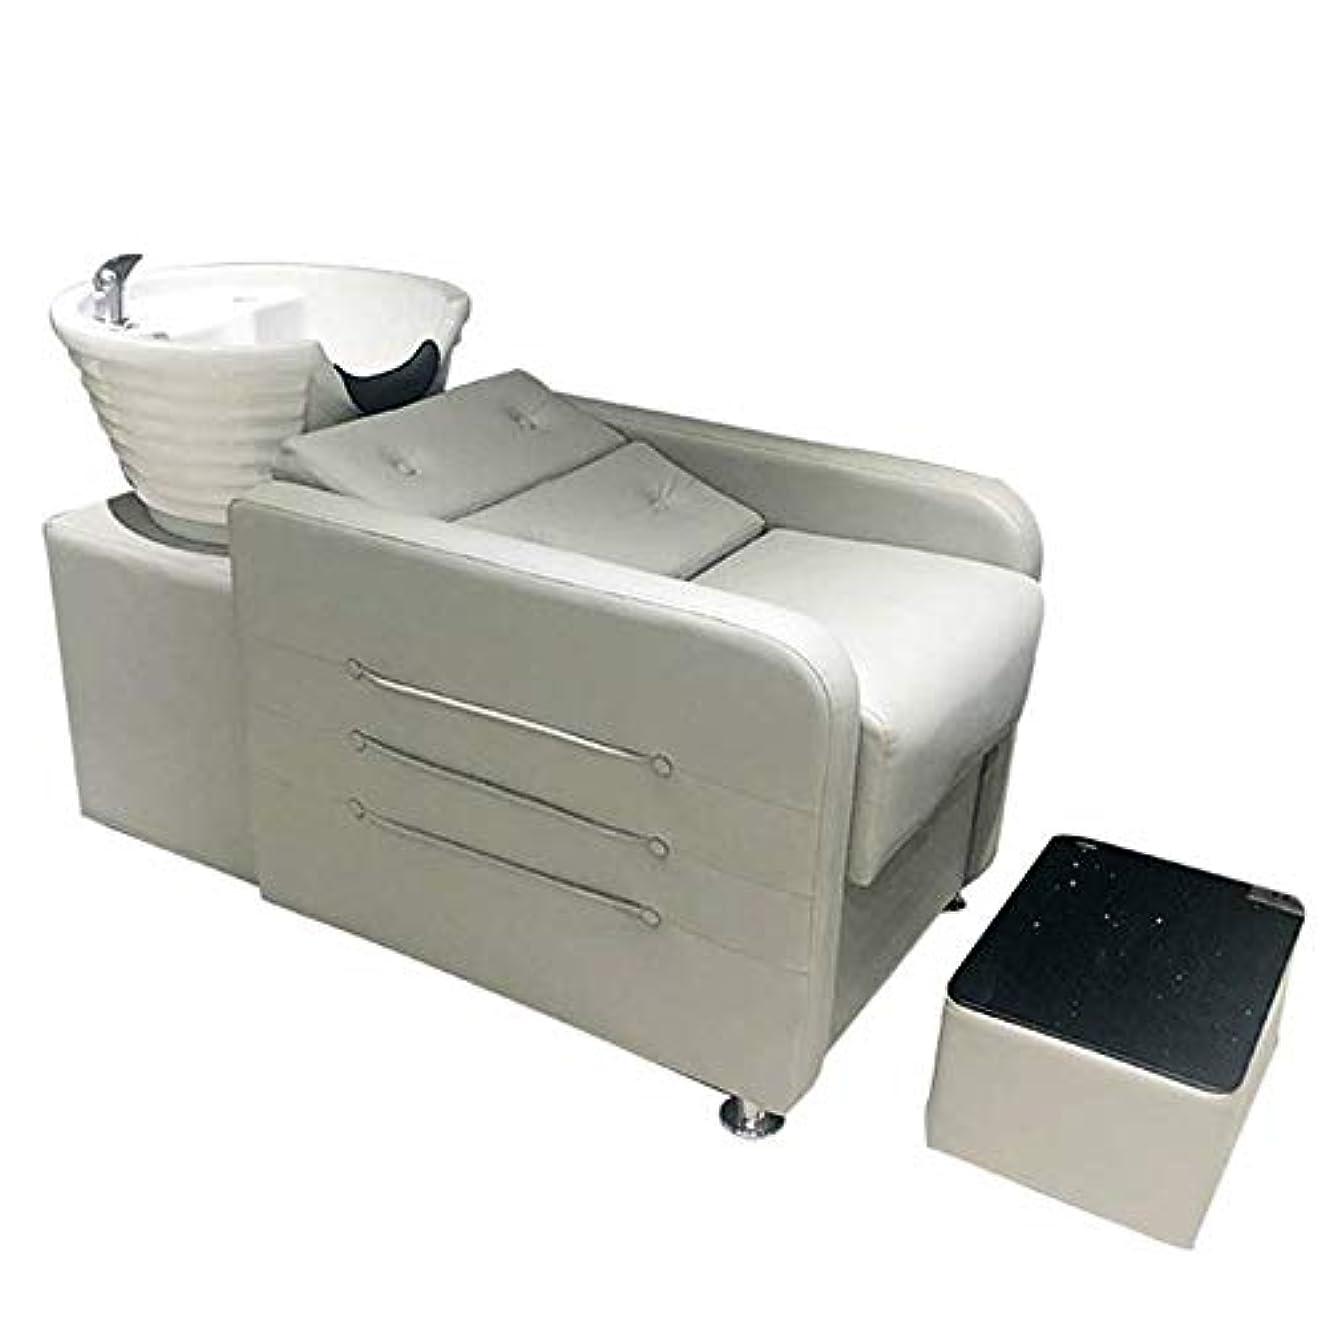 シャンプーチェア、 逆洗ユニットシャンプーボウル理髪シンク椅子用スパビューティーサロンフラッシュベッド(グレー)